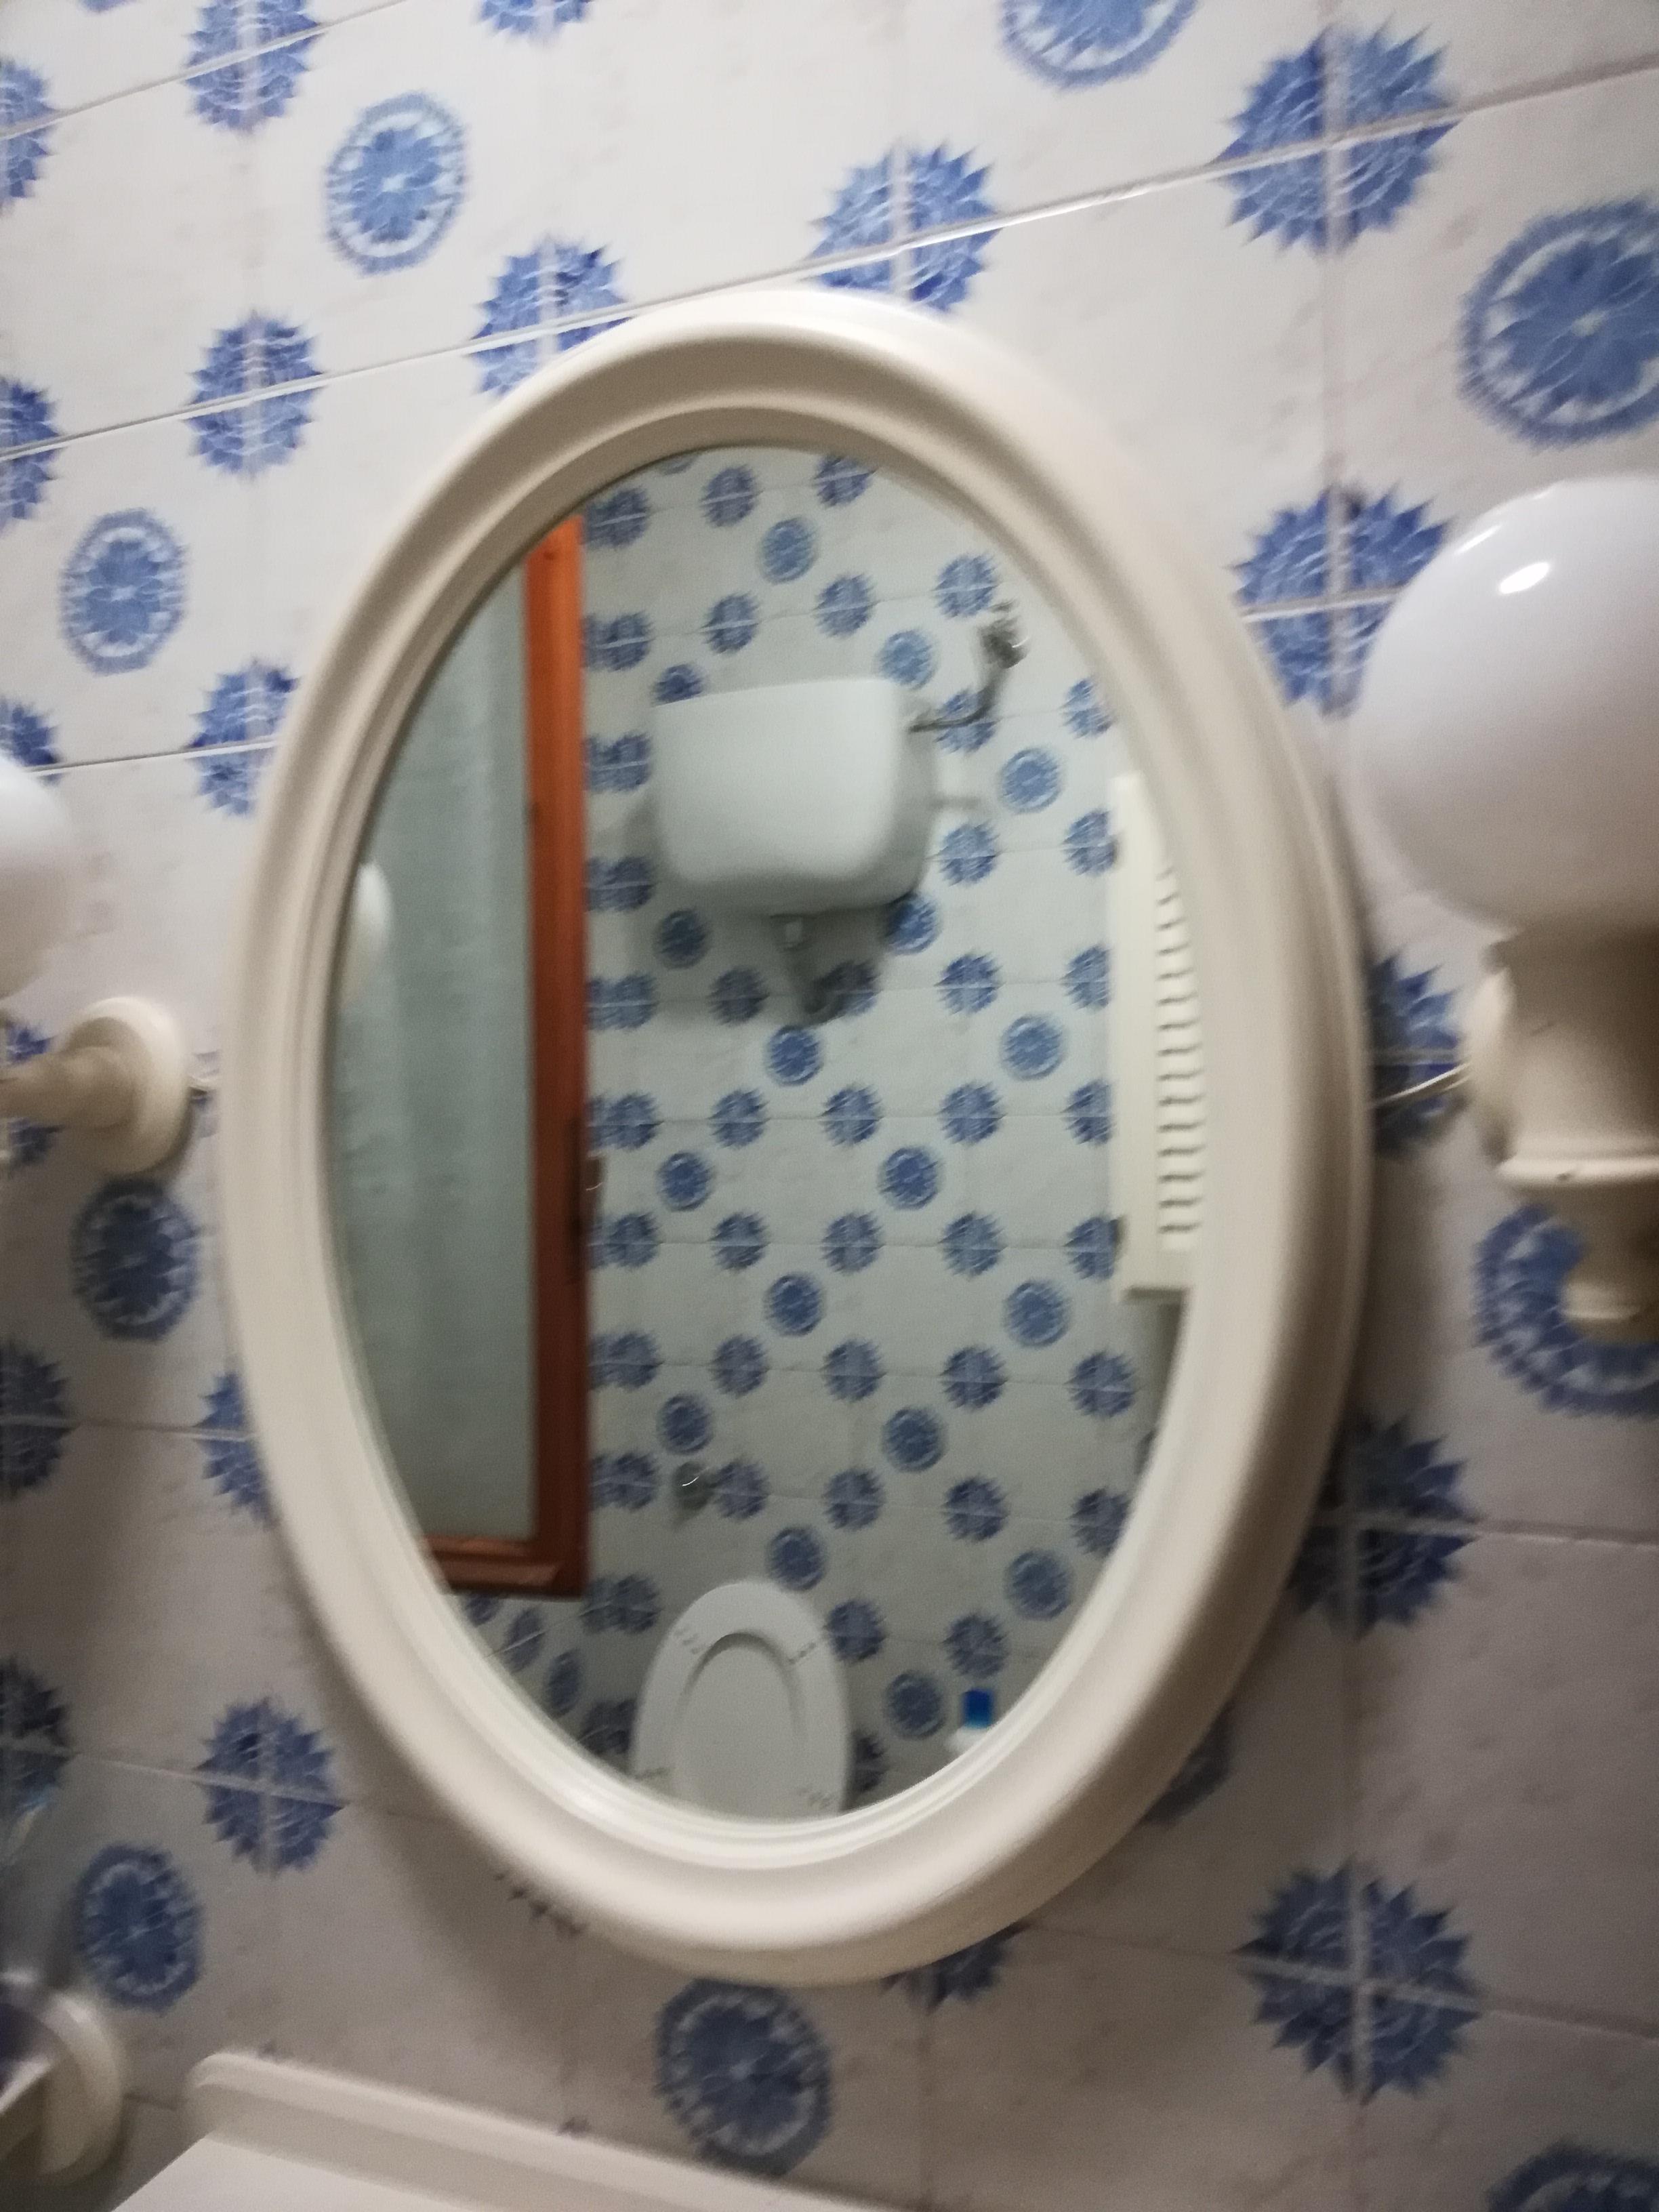 Specchio Bagno Bianco.Elios96 Sas Specchio Bagno Bianco Ovale E Shopper